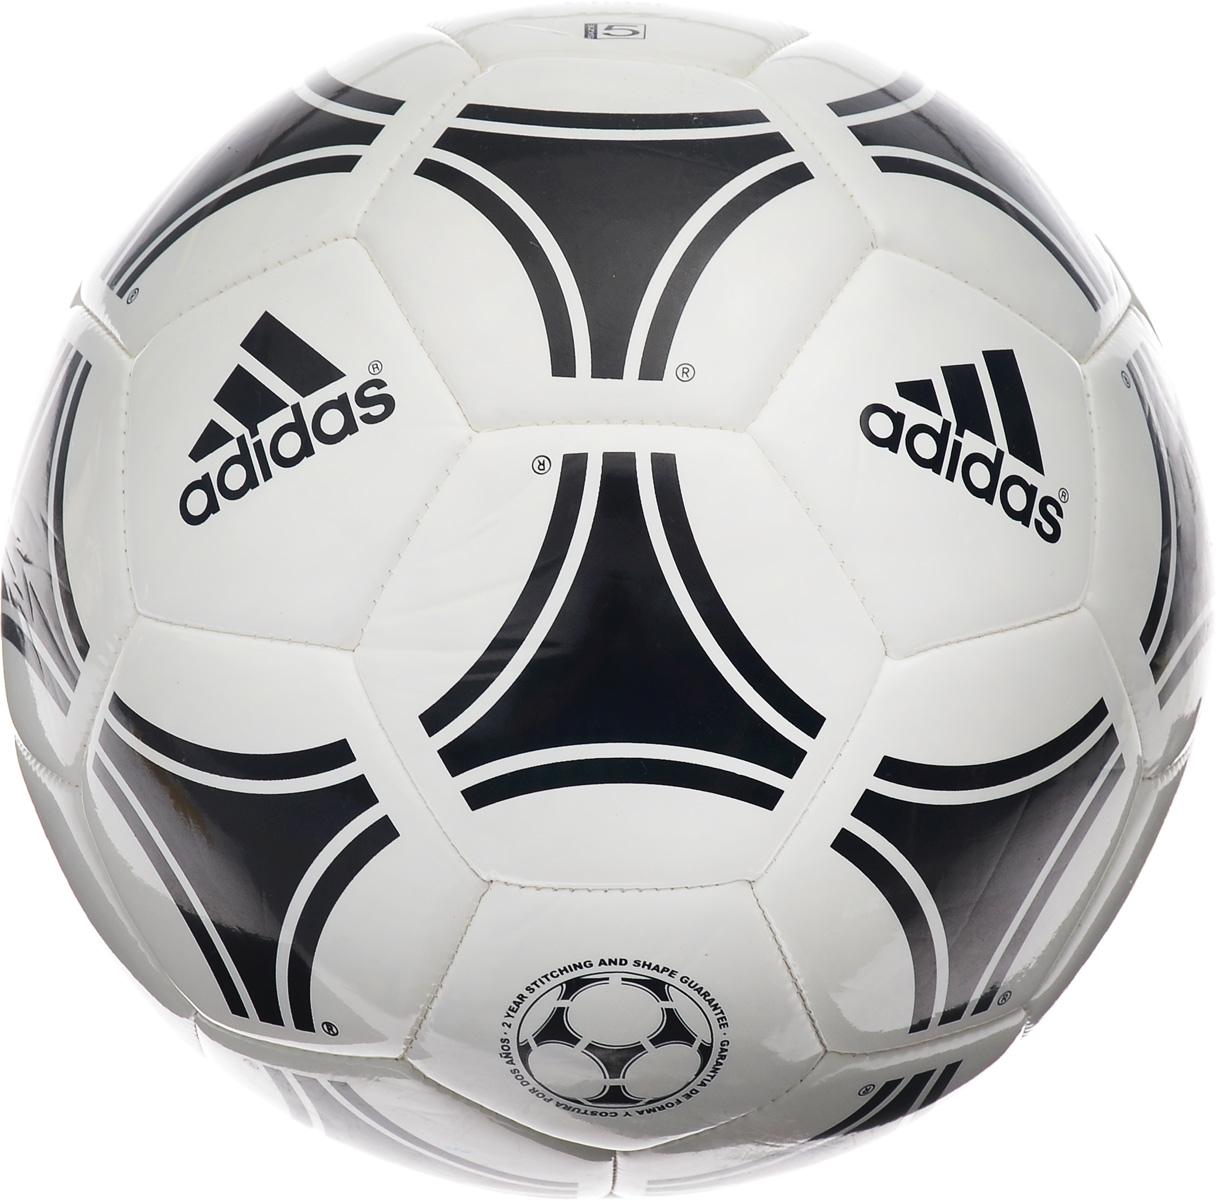 Мяч футбольный Adidas Tango Glider, цвет: белый, черный. Размер 5S12241Футбольный мяч Adidas Tango Glider выполнен из высококачественного полиуретана и рассчитан на интенсивные нагрузки и сильные удары. Внутренняя камера изготовлена из прочного каучука. Панели соединены между собой при помощи машинной сшивки.